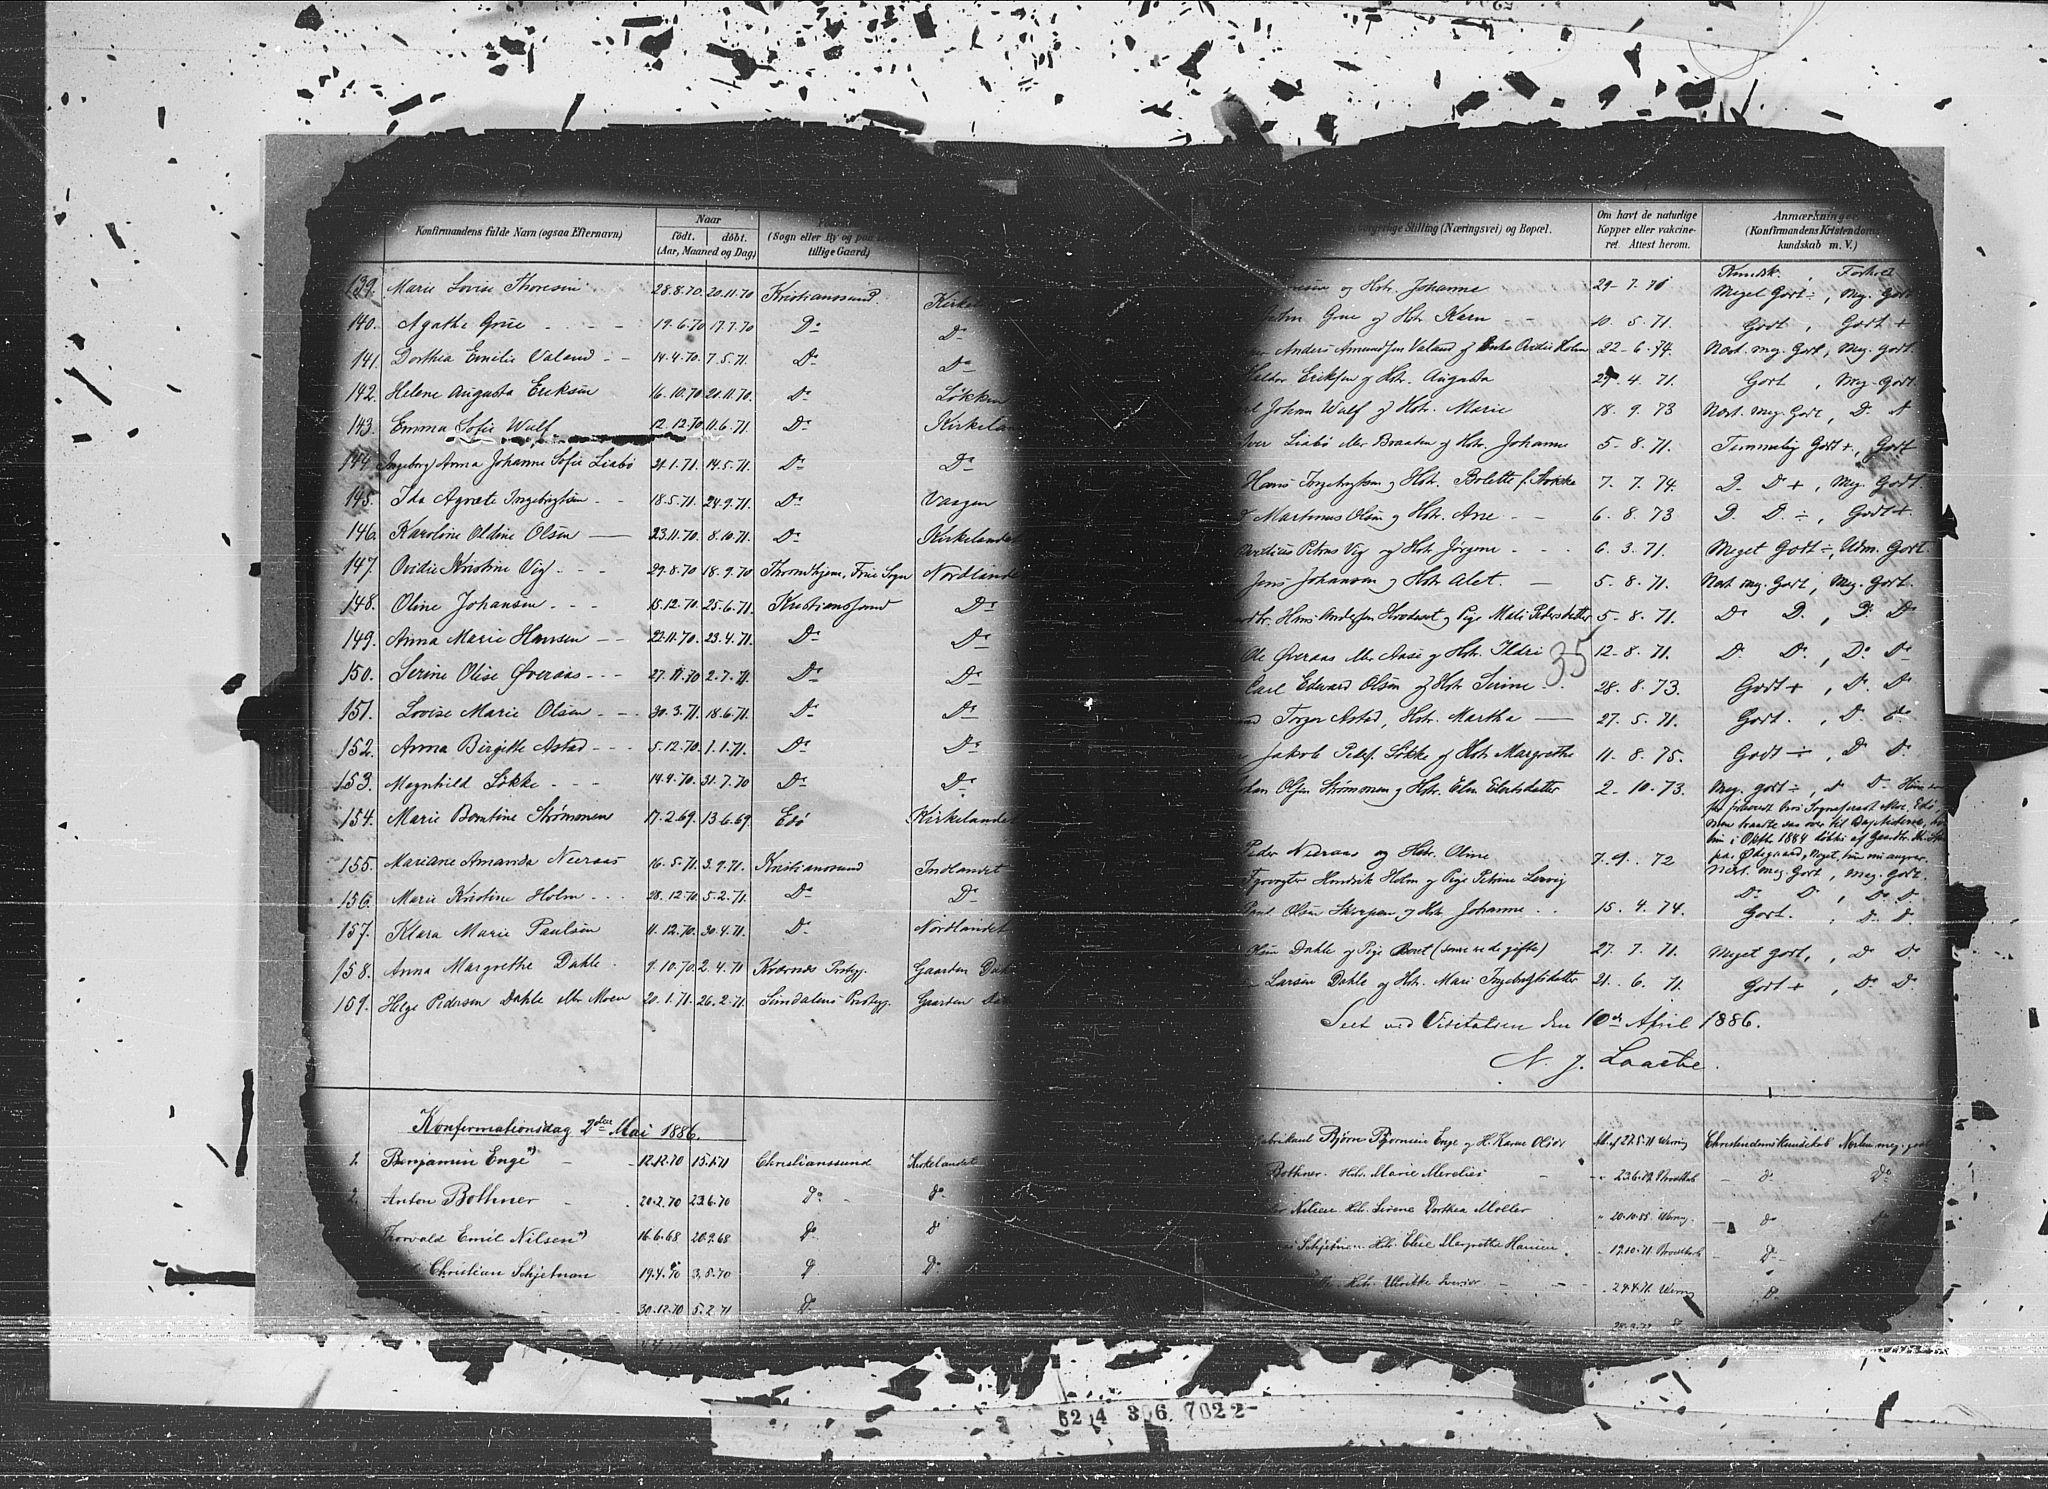 SAT, Ministerialprotokoller, klokkerbøker og fødselsregistre - Møre og Romsdal, 572/L0852: Ministerialbok nr. 572A15, 1880-1900, s. 35